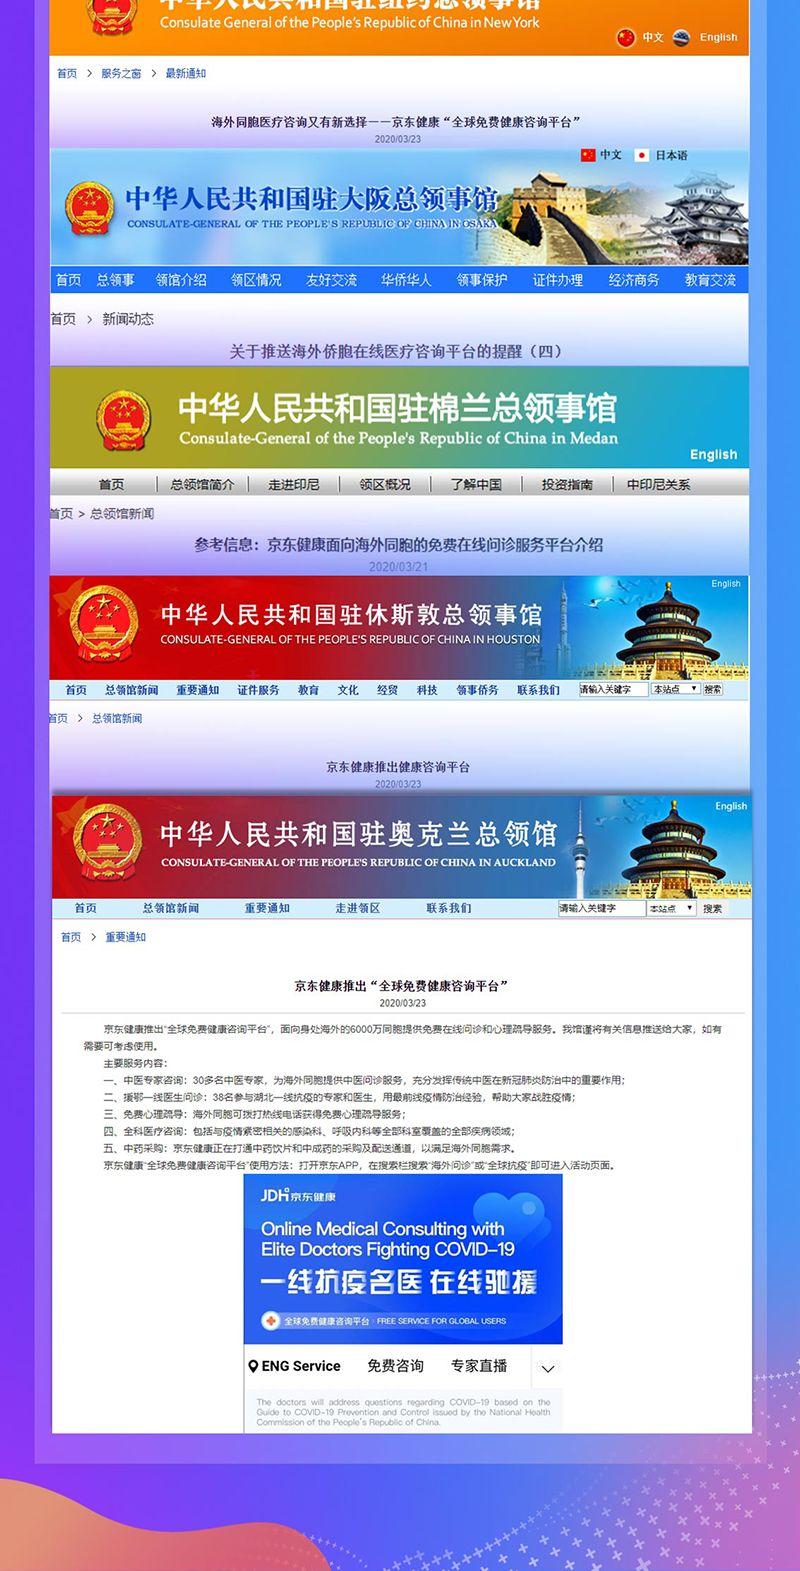 覆盖全球五大洲!多个中国驻外使馆推荐京东健康免费问诊服务